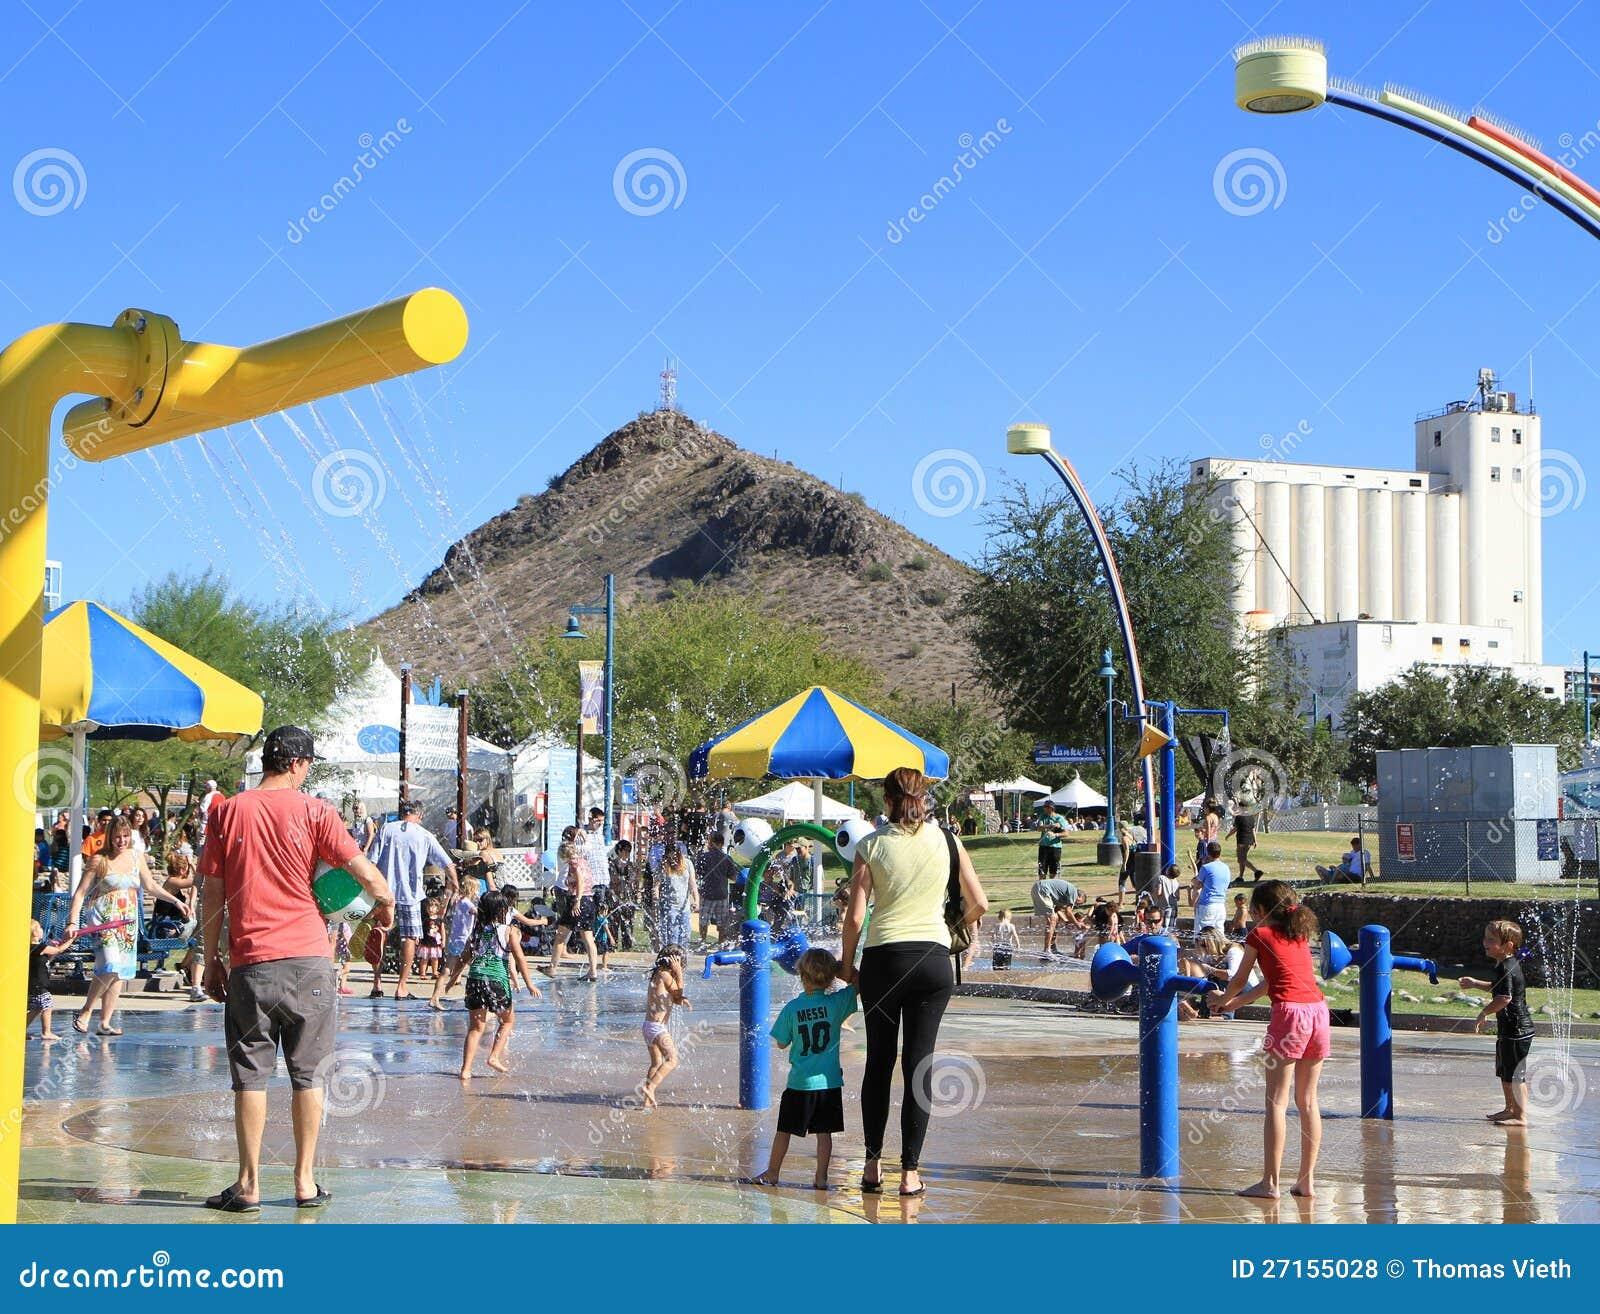 Divertimento da água em um campo de jogos das crianças